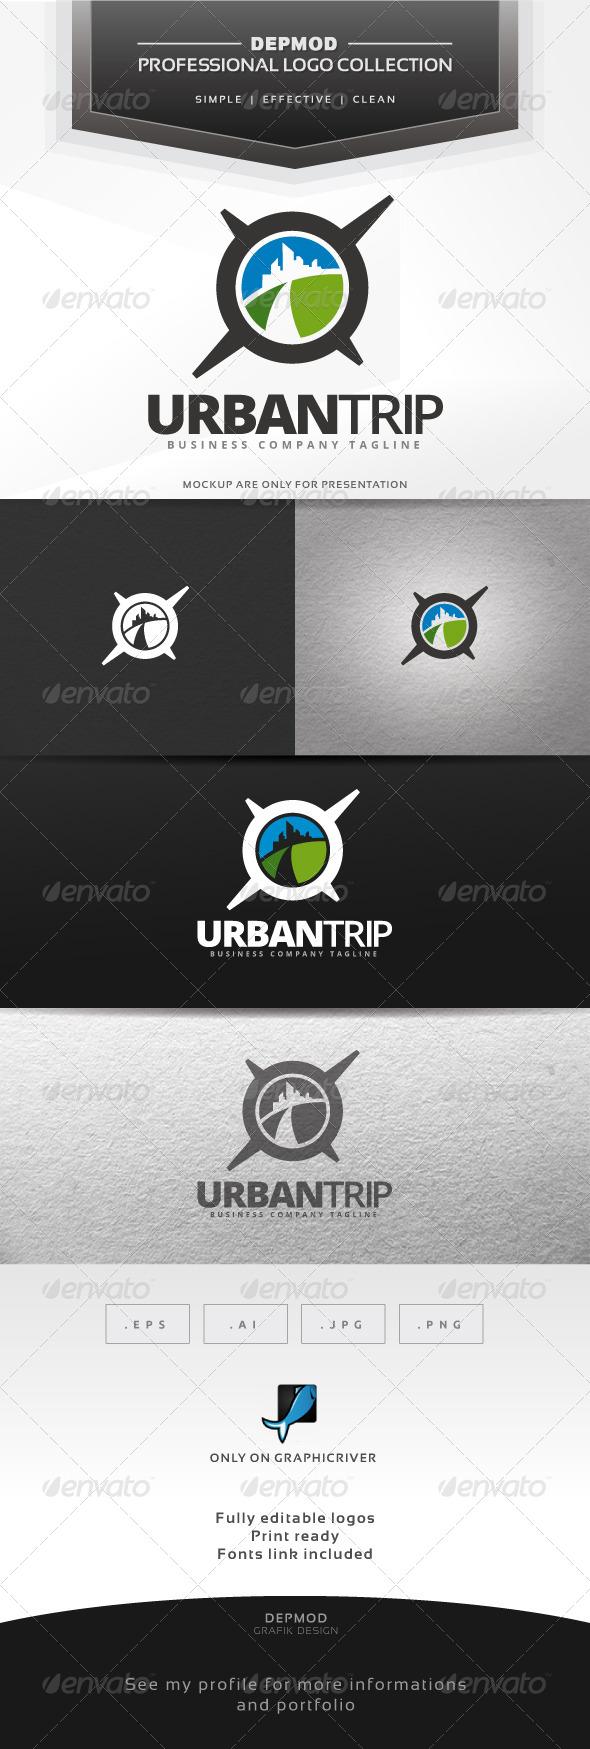 GraphicRiver Urban Trip Logo 7002619